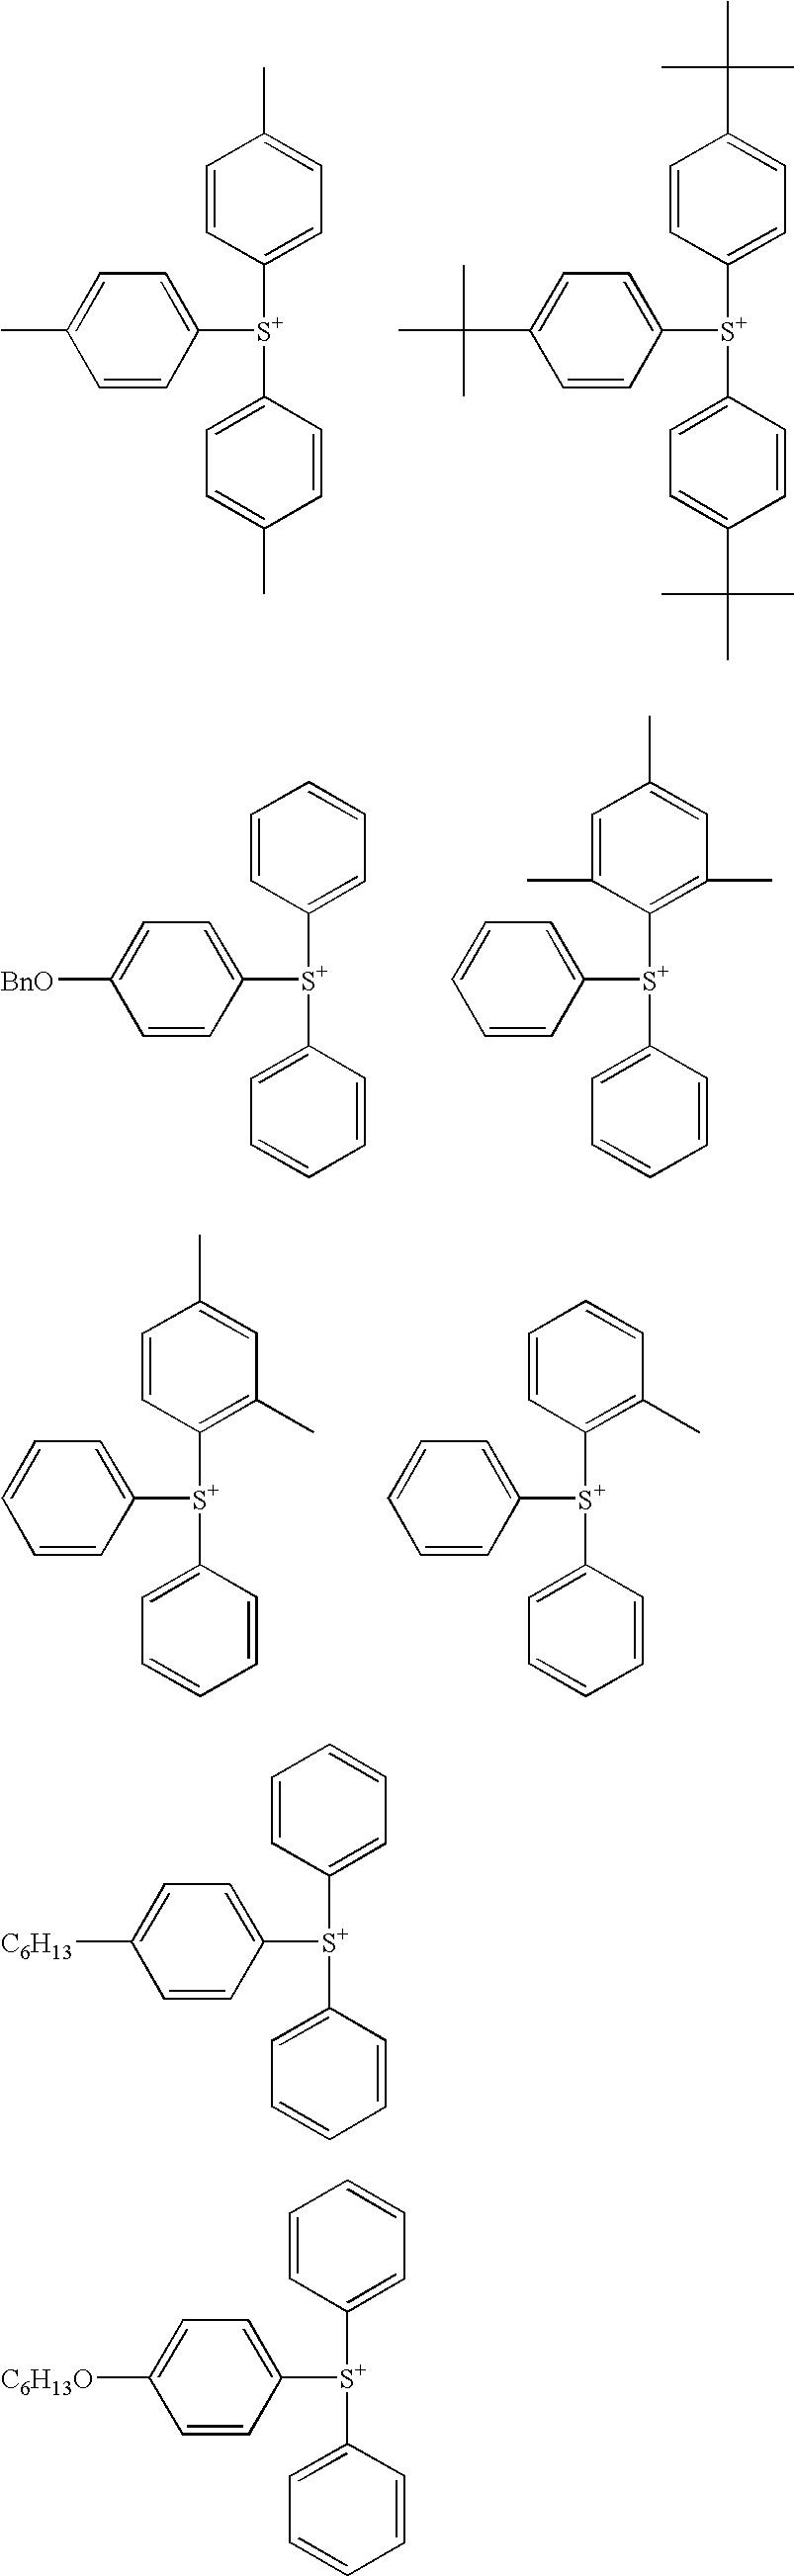 Figure US20060194982A1-20060831-C00015